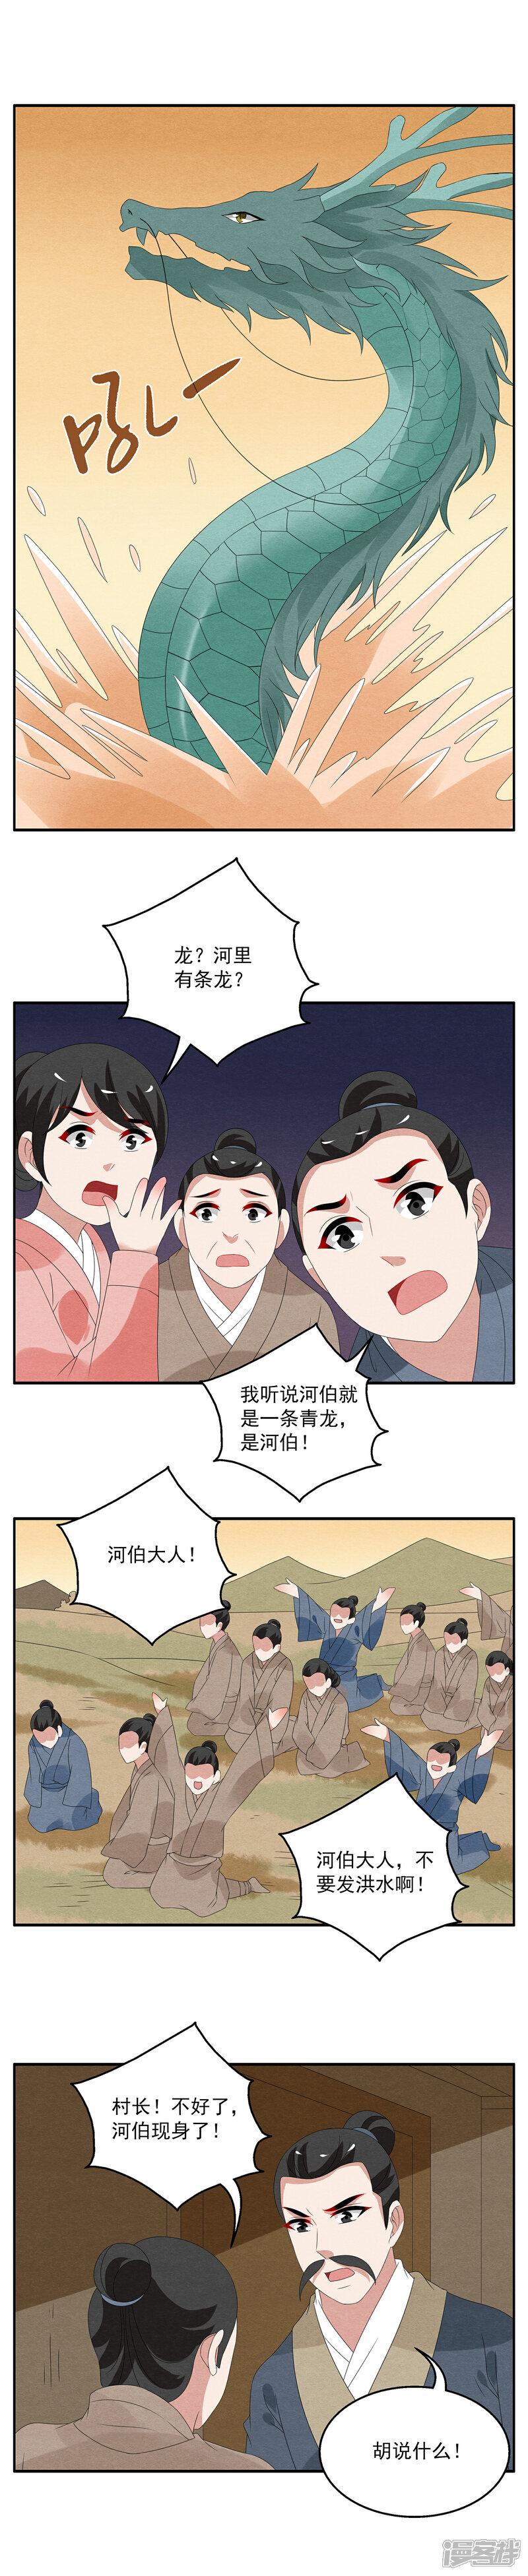 洛小妖112 (2).JPG